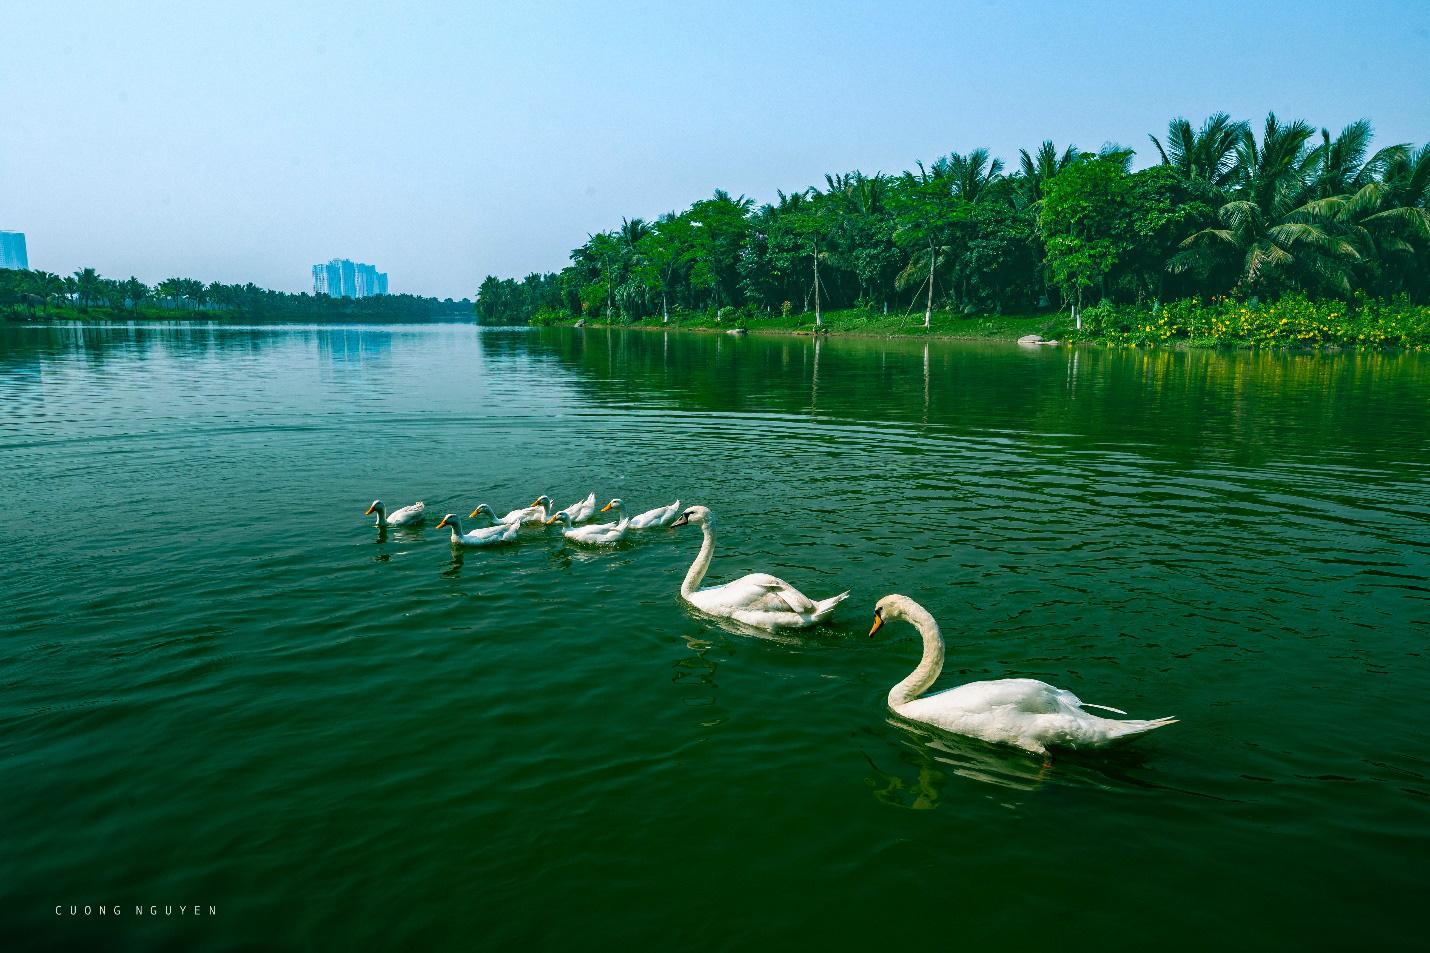 Khám phá vẻ đẹp bền vững tại những căn biệt thự đảo triệu đô Ecopark - Ảnh 1.